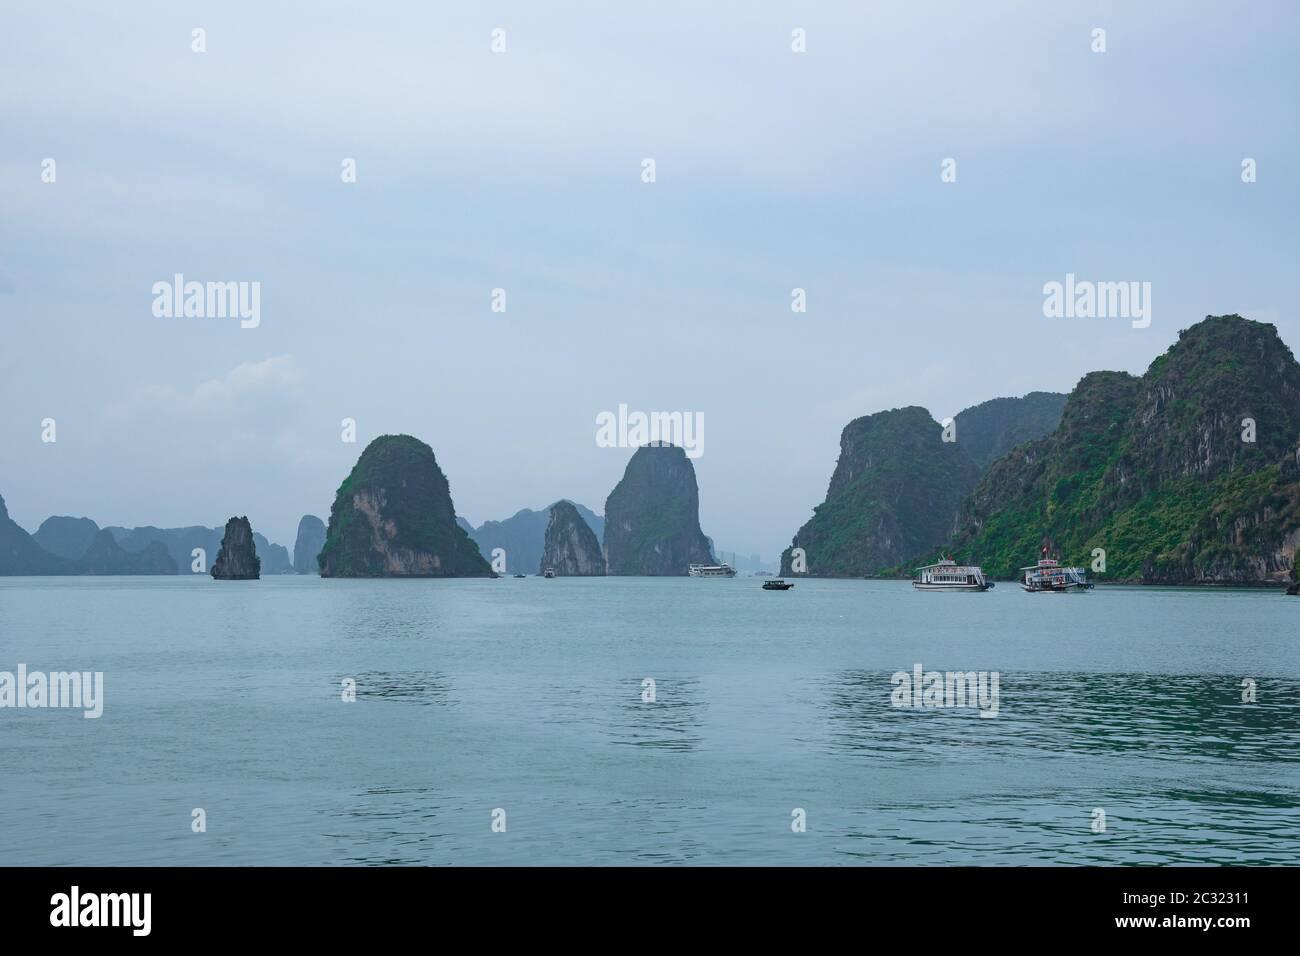 Blick auf HA LONG BAY - ein herrliches UNESCO-Weltkulturerbe und eines der sieben neuen Naturwunder der Welt. Vietnam. Stockfoto